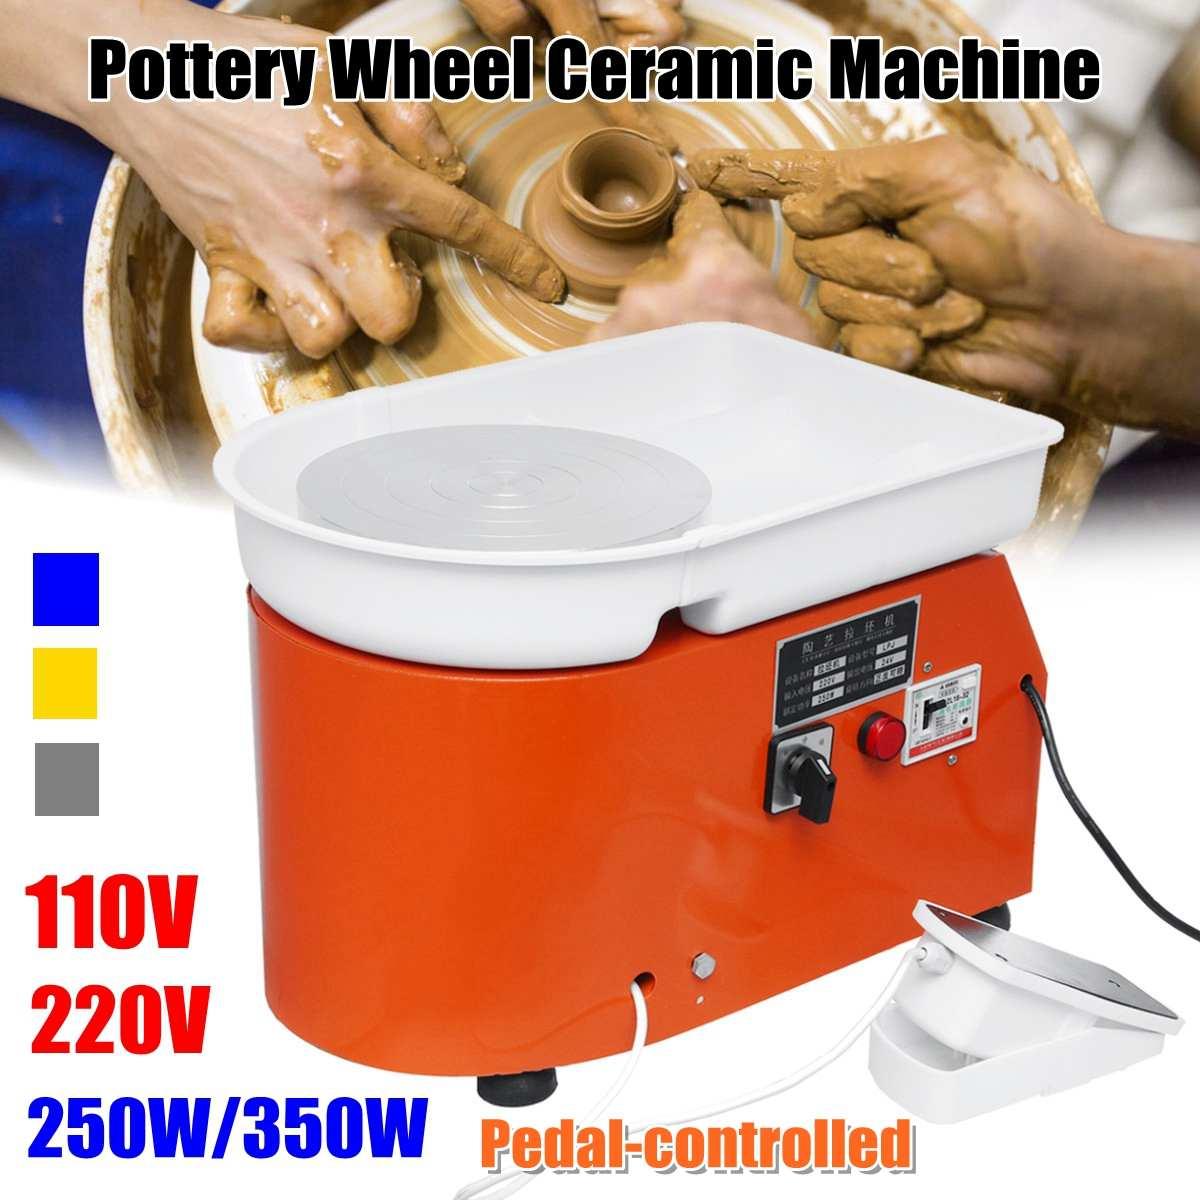 Tourne-disque 250 W/350 W Tours électriques roue poterie Machine céramique argile potier Art pour céramique travail céramique 110 V/220 V - 2